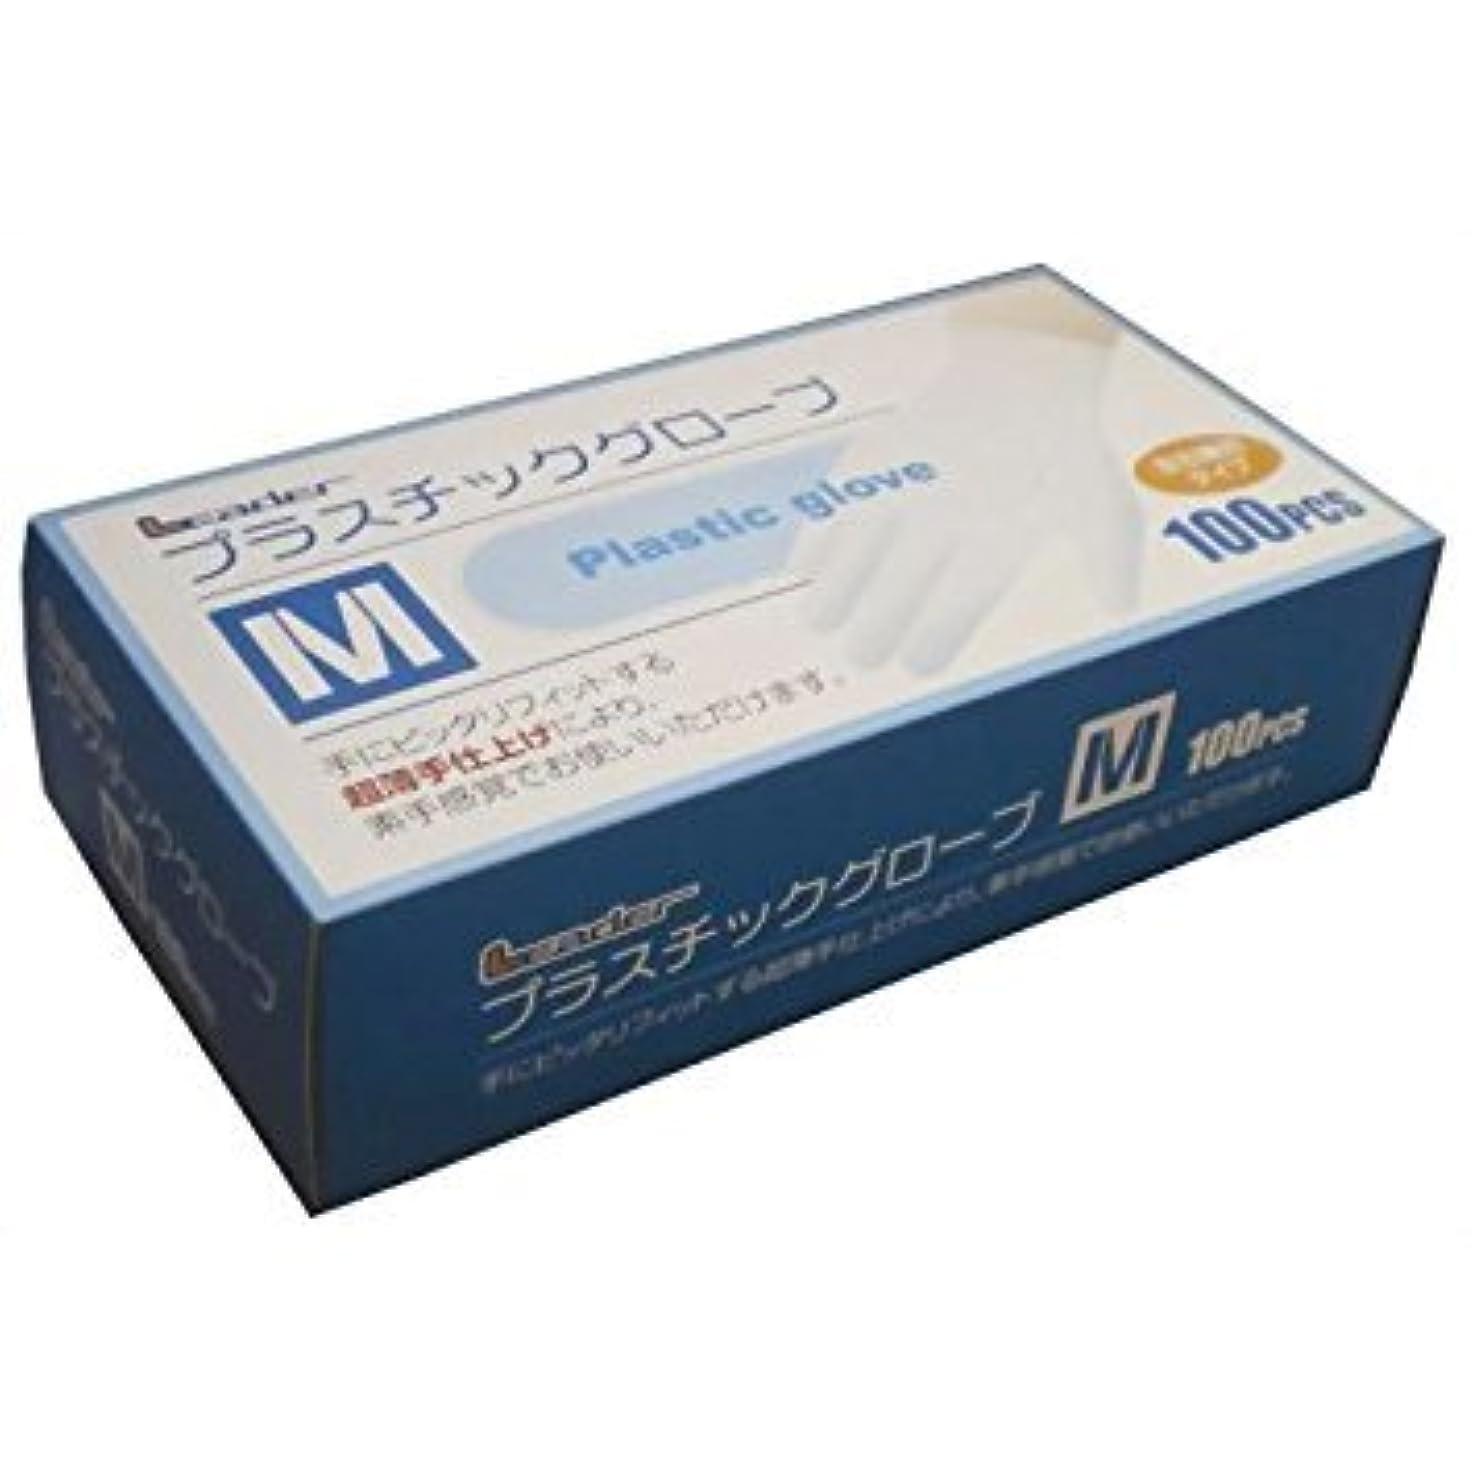 アラブサラボワーディアンケース対「梱売」リーダー プラスチックグローブ Mサイズ 100枚入x10箱セット